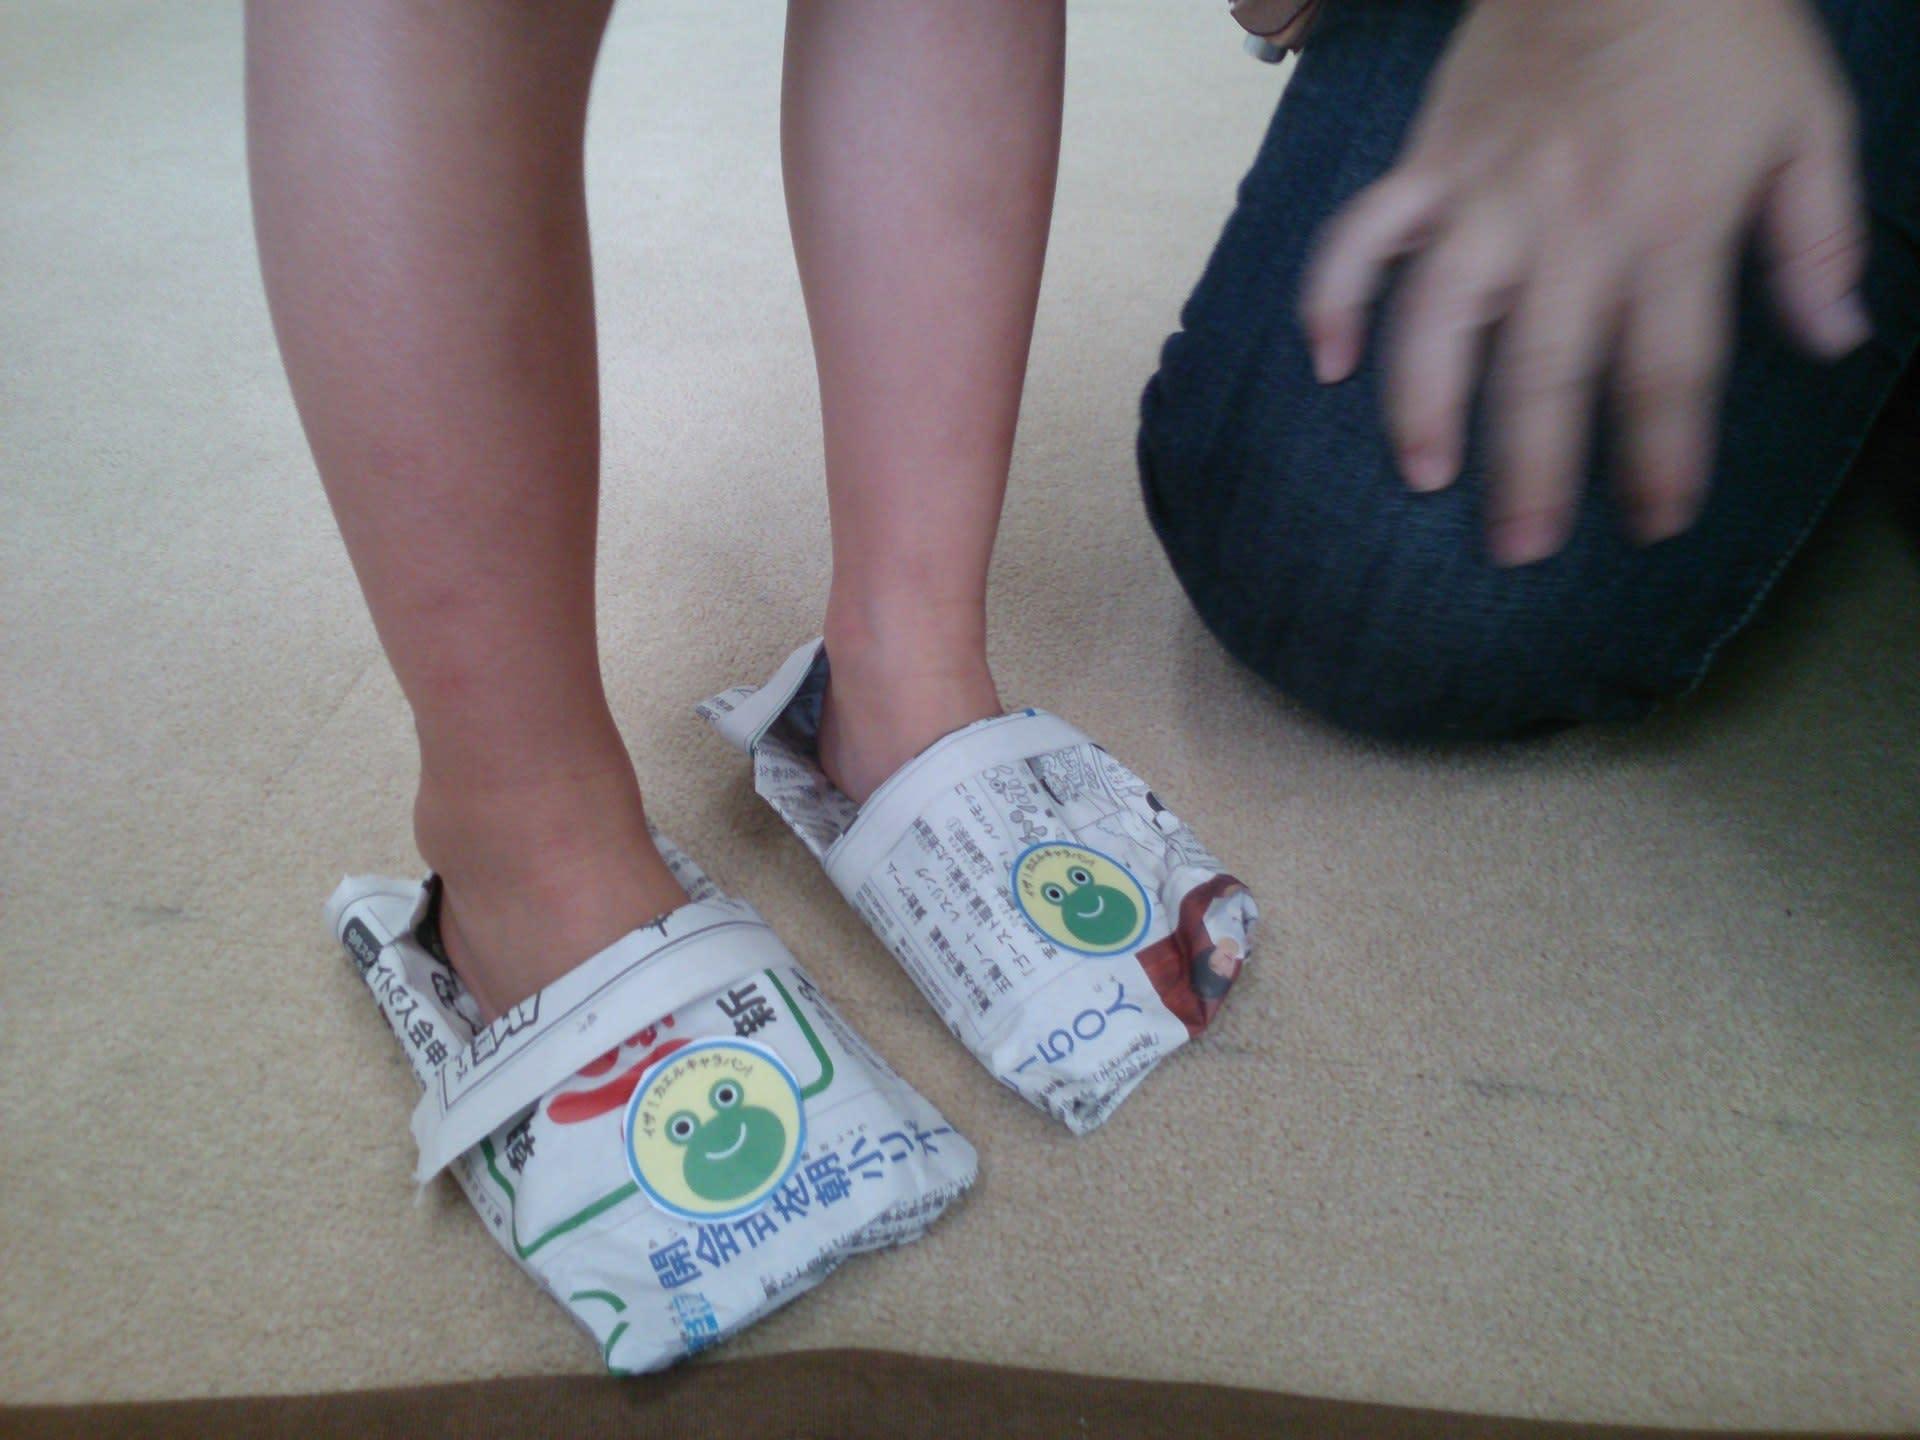 折り紙の 折り紙の折り方 動画 : 小学生裏モノ投稿画像63枚 ...